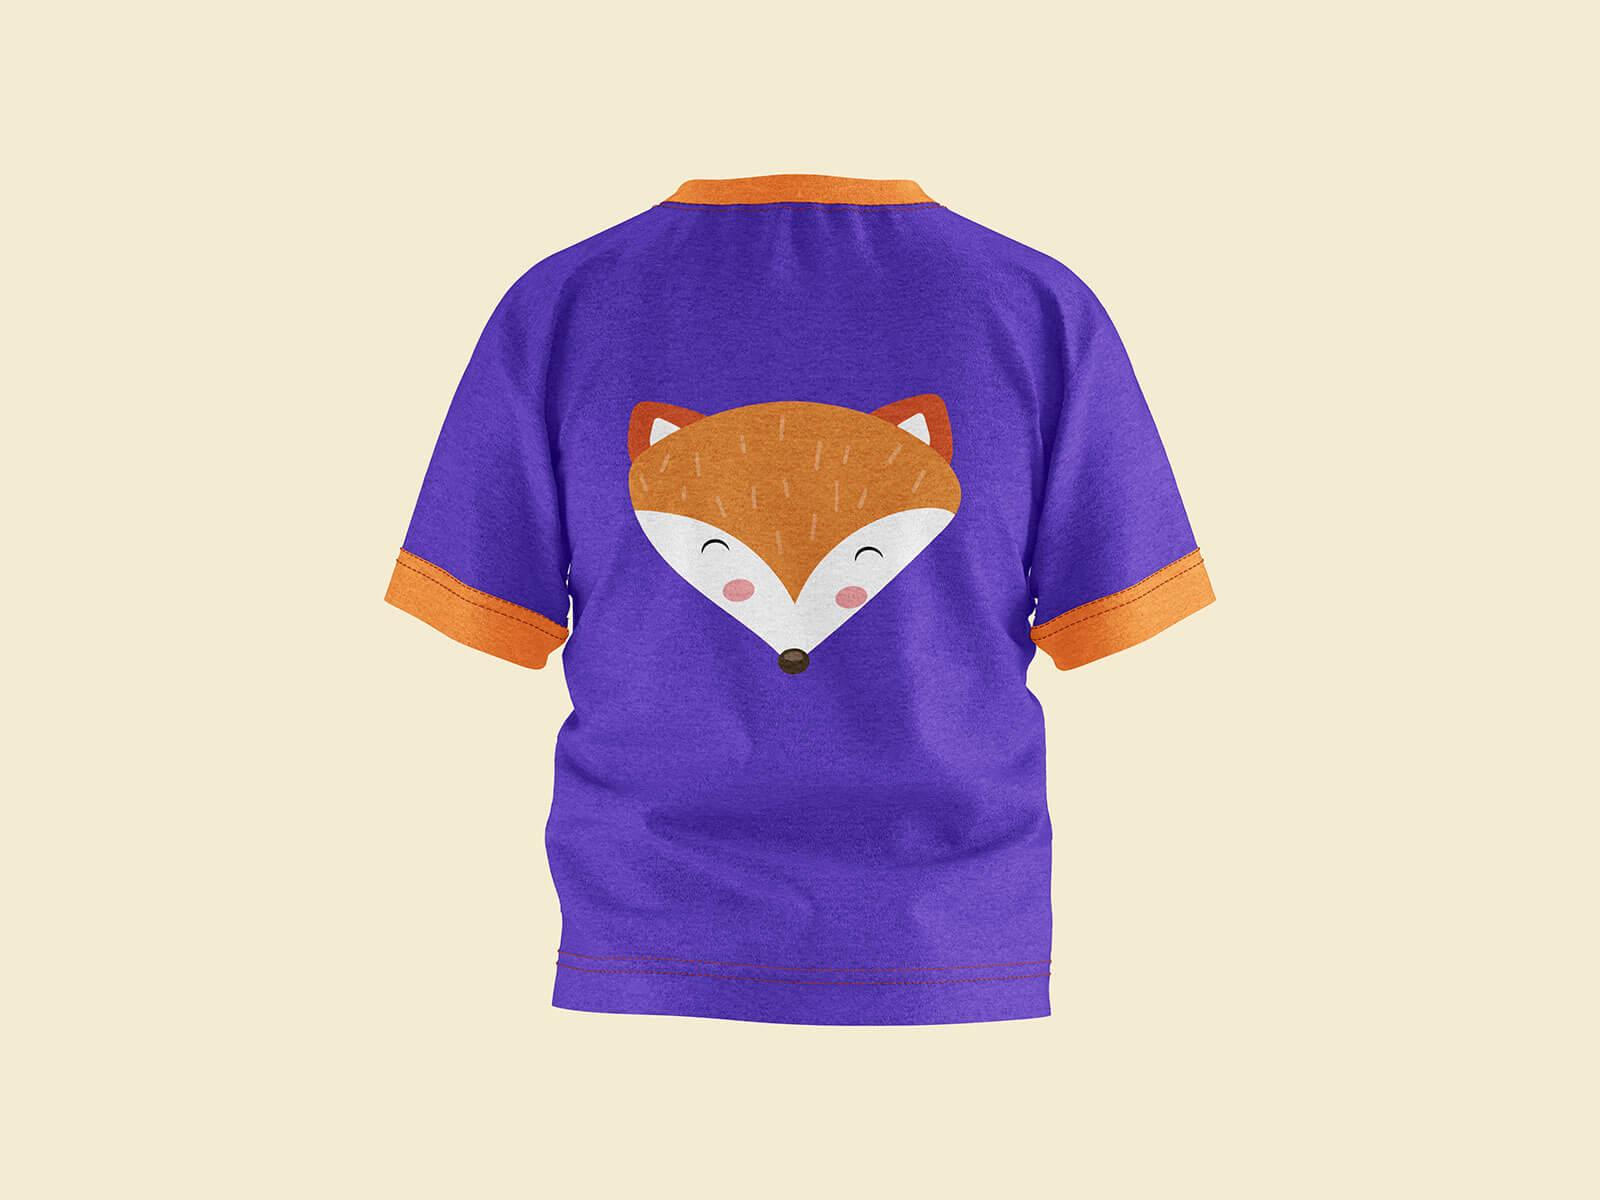 Free Short Sleeves Young Kid T-Shirt Mockup PSD Set (4)